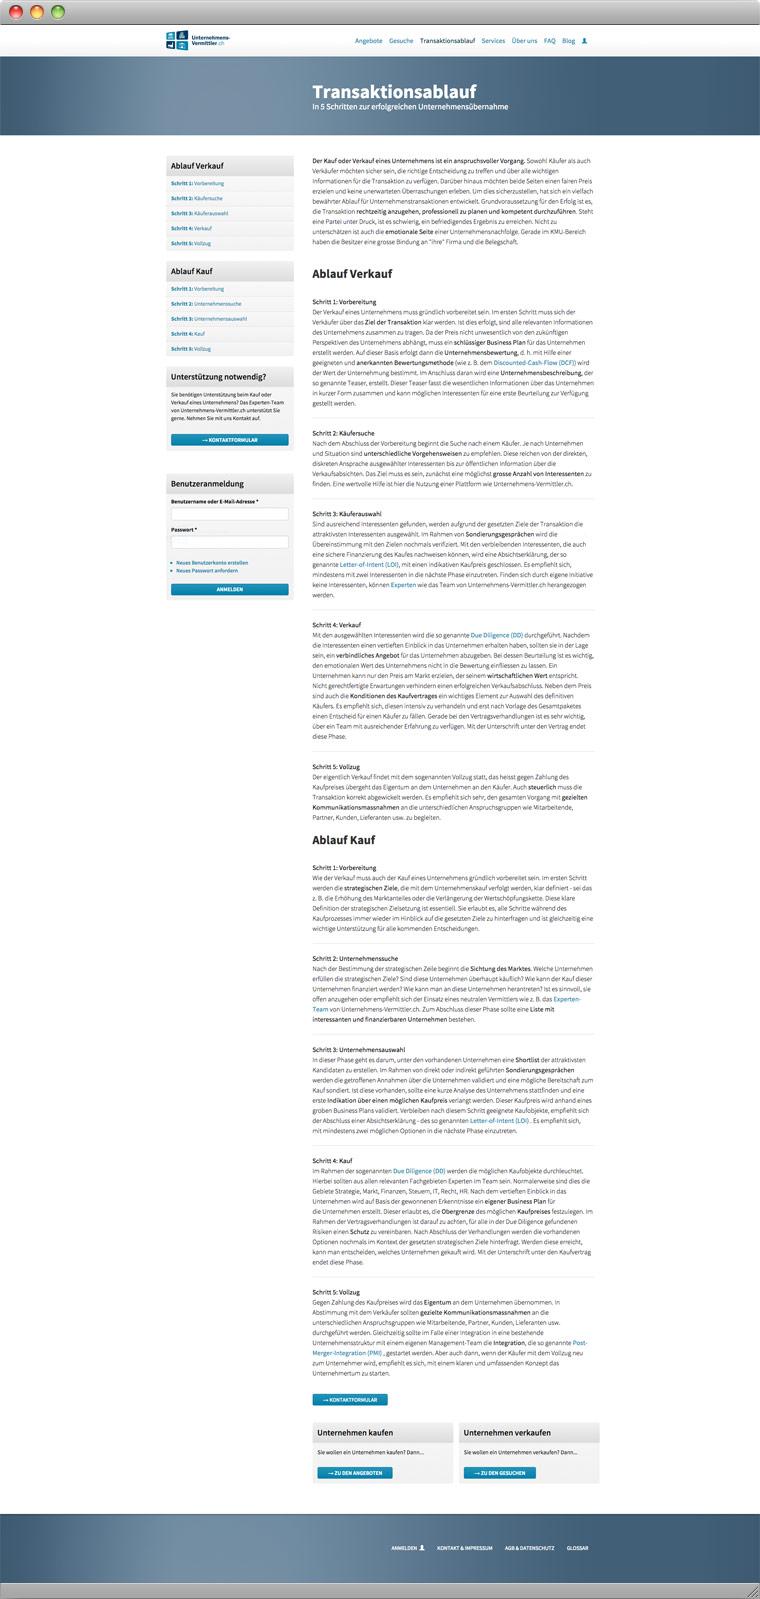 Screenshot der Erklärung des Transaktionsablaufs von Unternehmens-Vermittler.ch